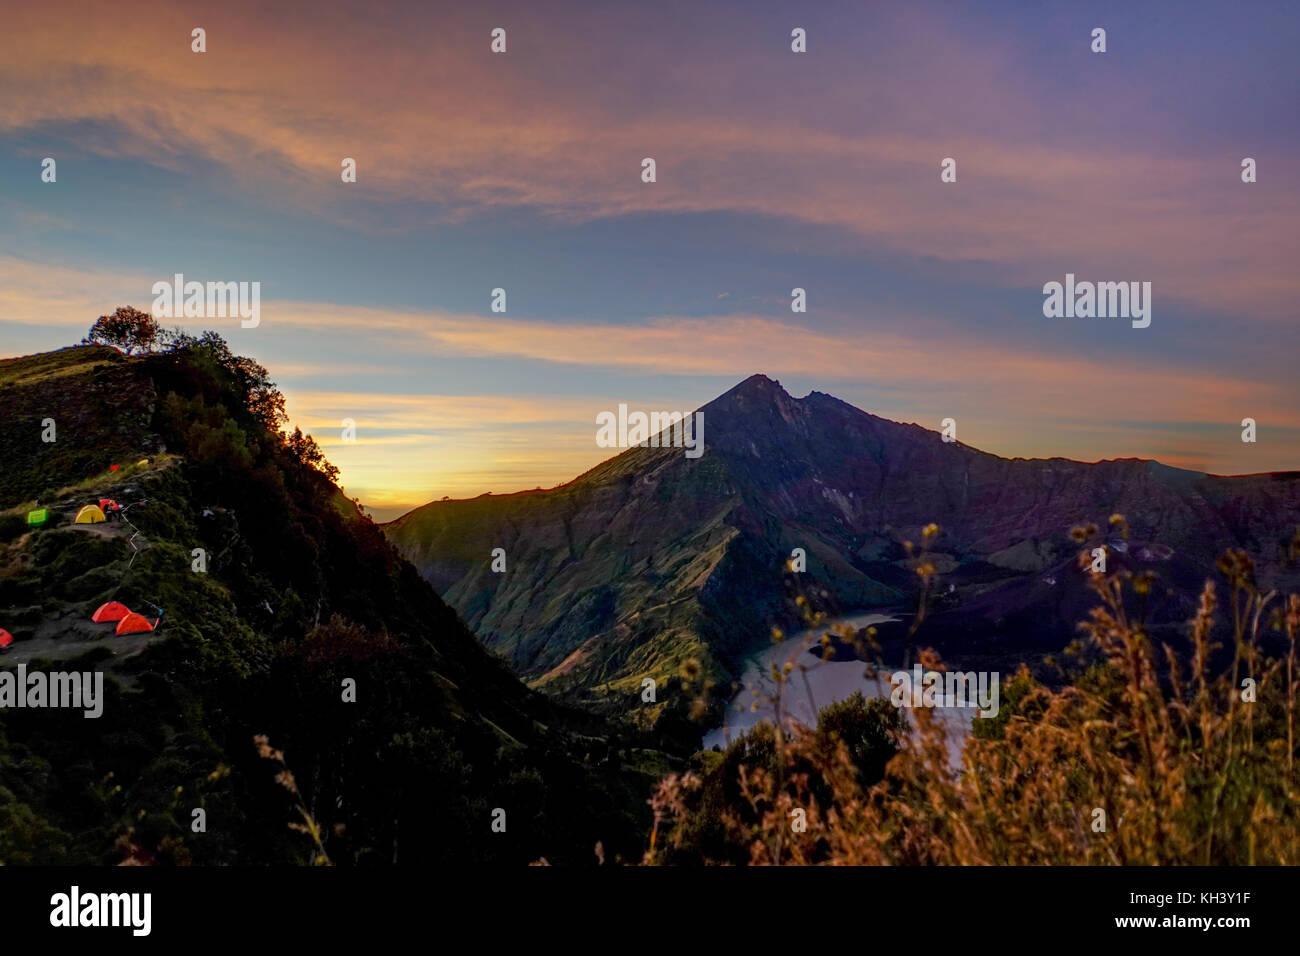 Sunrise Mount Rinjani Vulkan mit Zelten Lombok Indonesien Stockbild